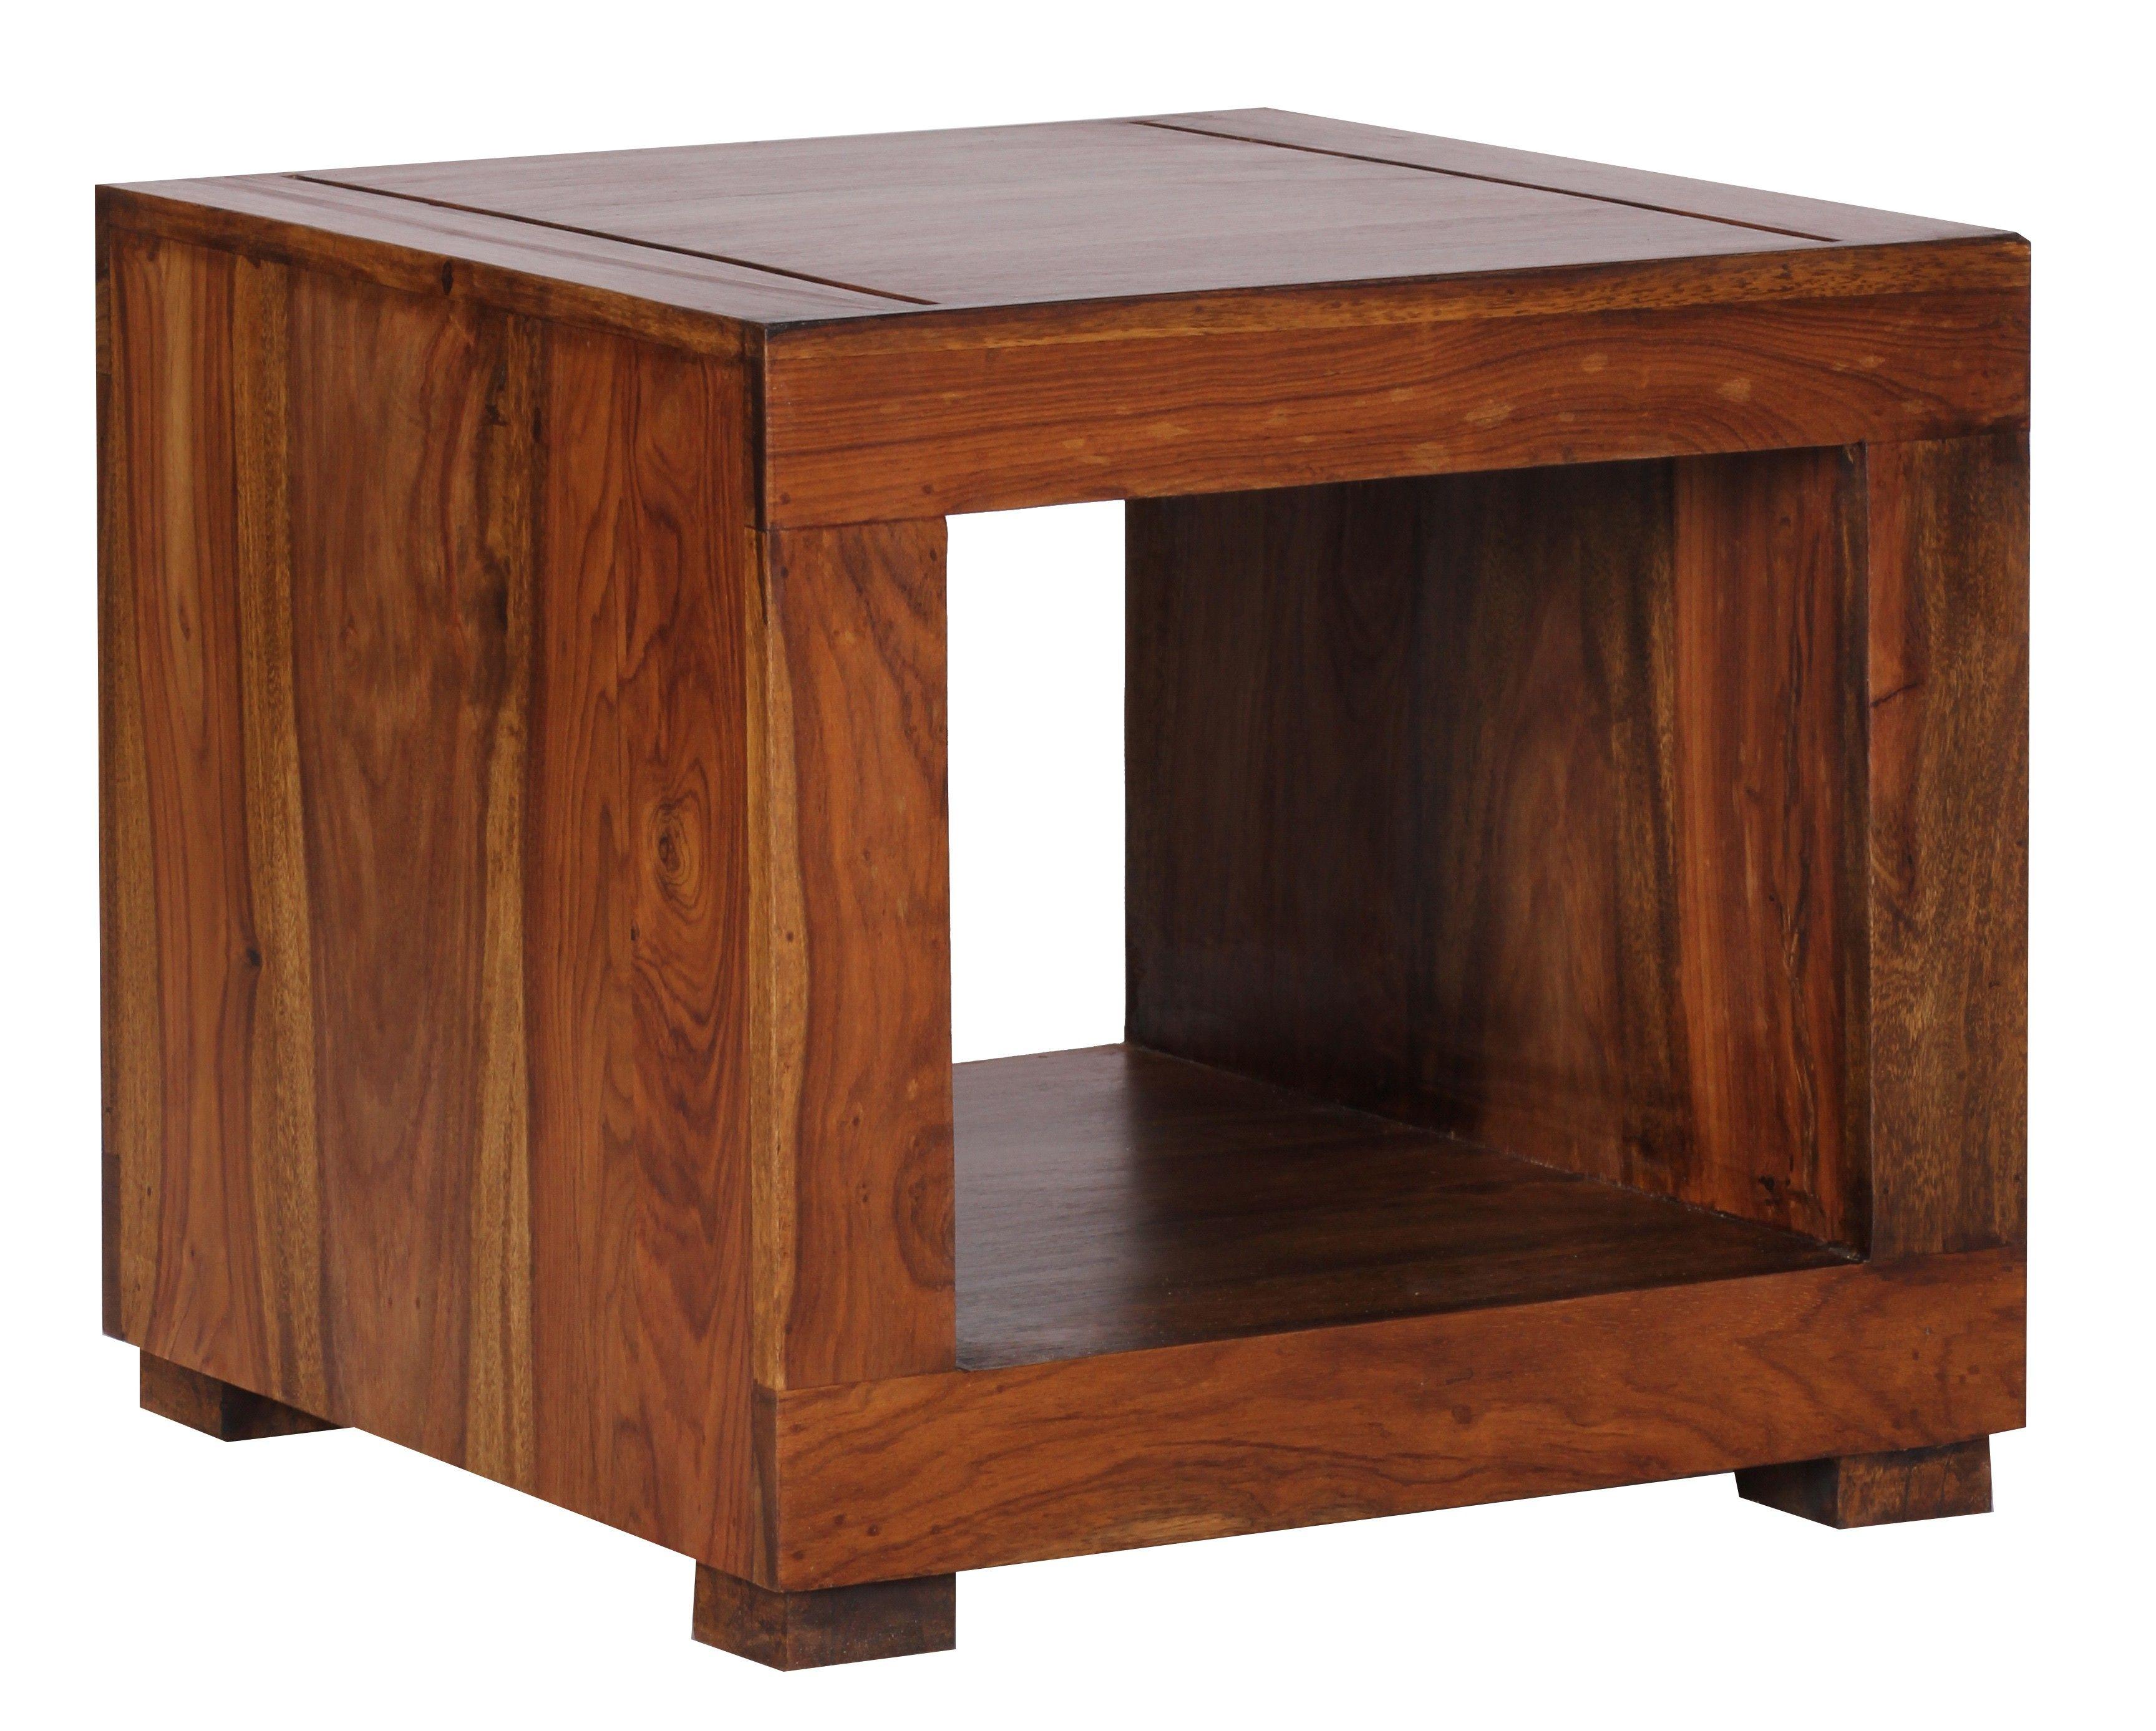 Schlafzimmermöbel Massivholz ~ Sheesham couchtisch massiv 50 x 50 cm massivholz ambience home